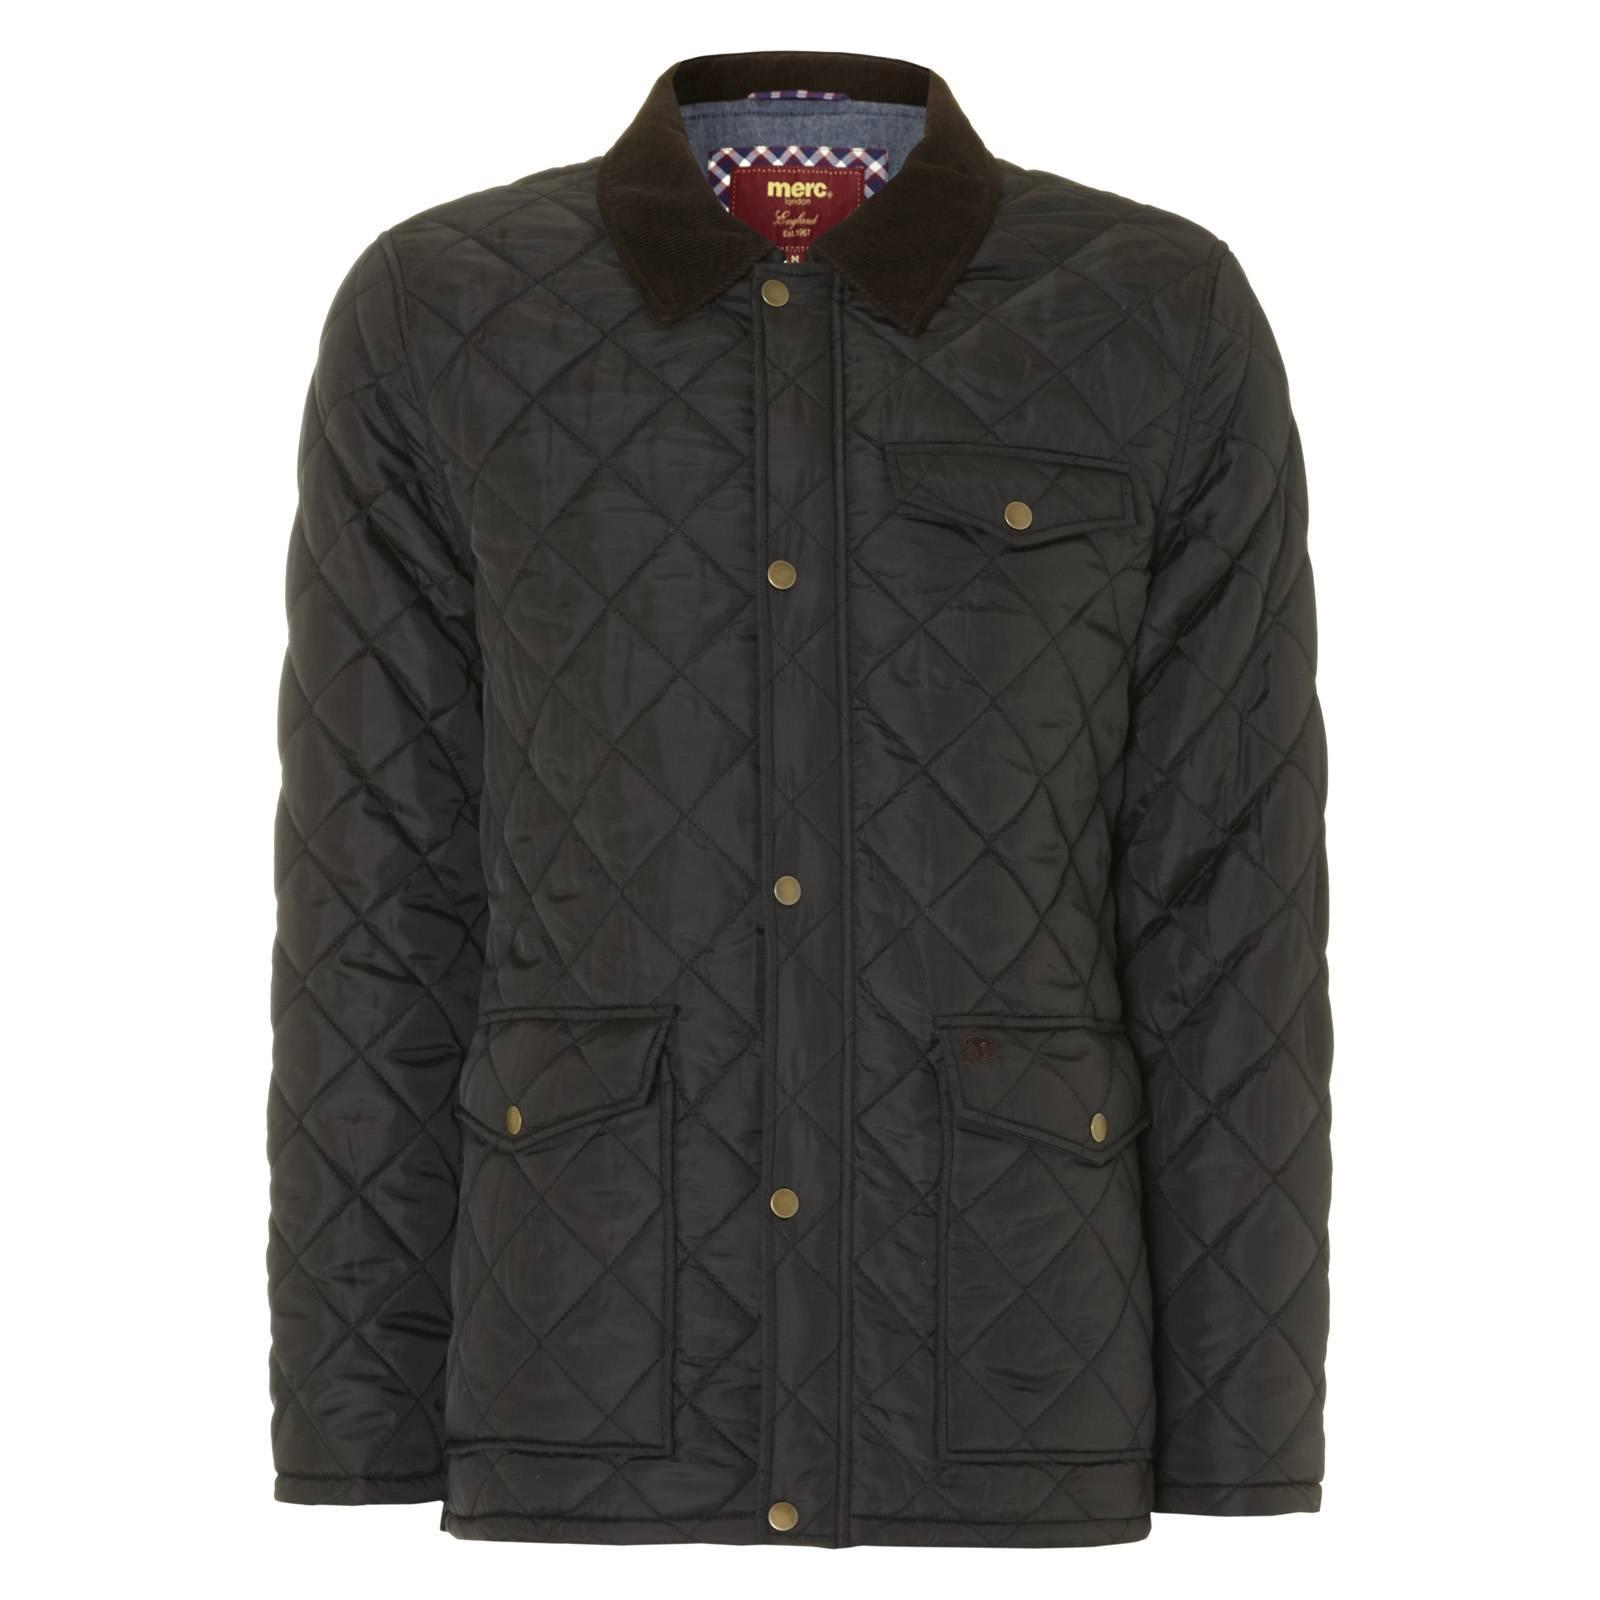 Куртка AlcesterВерхняя одежда<br><br><br>Артикул: 1114205<br>Материал: 100% полиэстер. Подкладка - 100% хлопок<br>Цвет: черный<br>Пол: Мужской